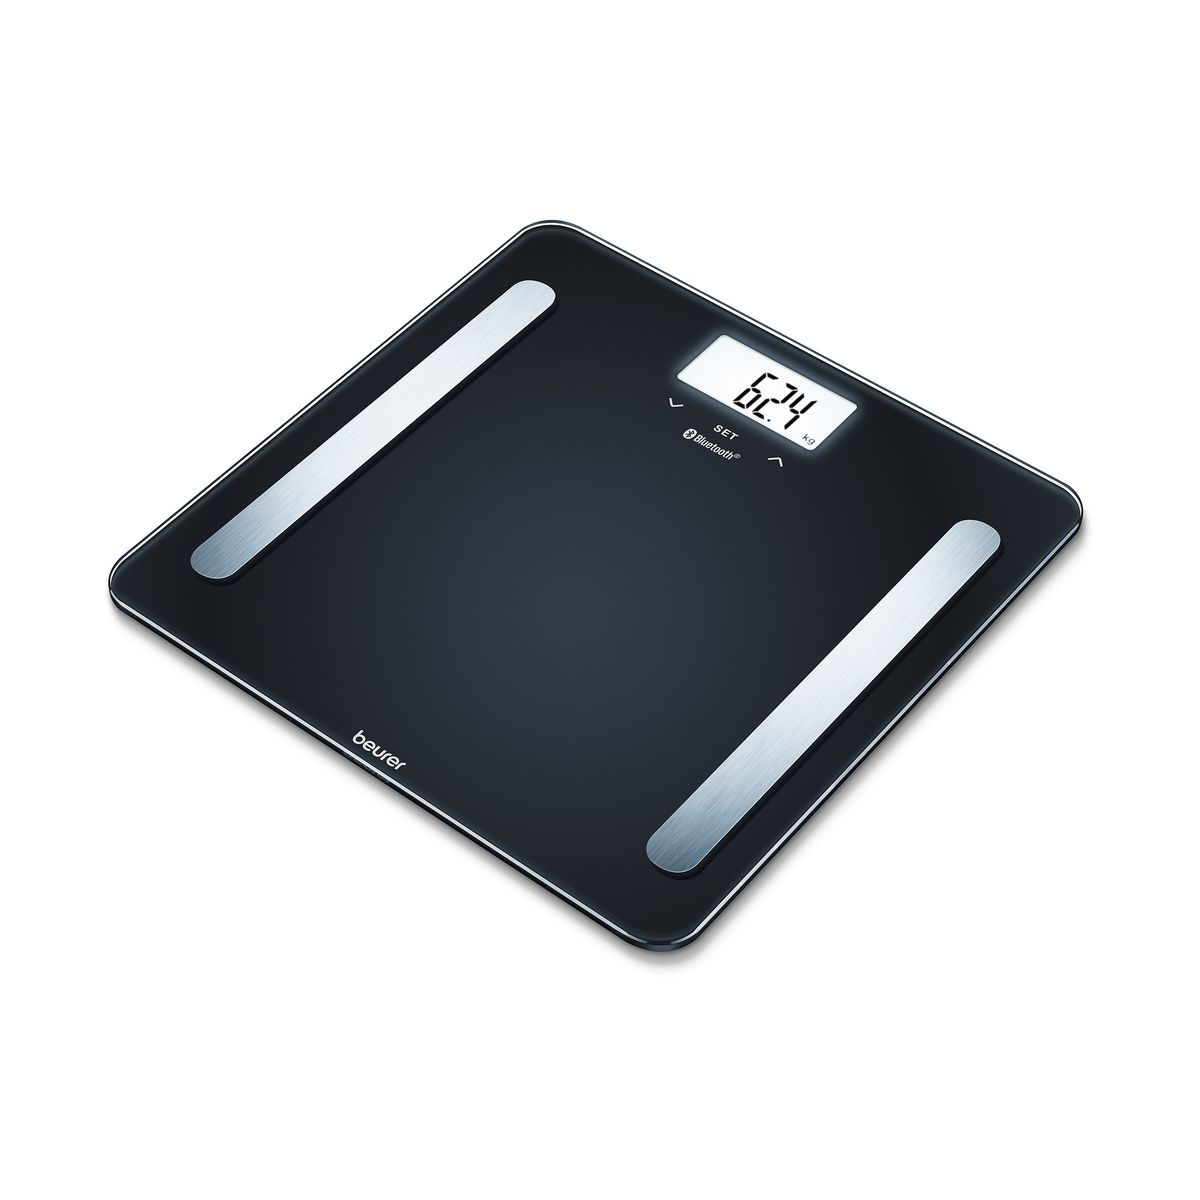 Pèse personne impédancemètre BF 600 - Noir